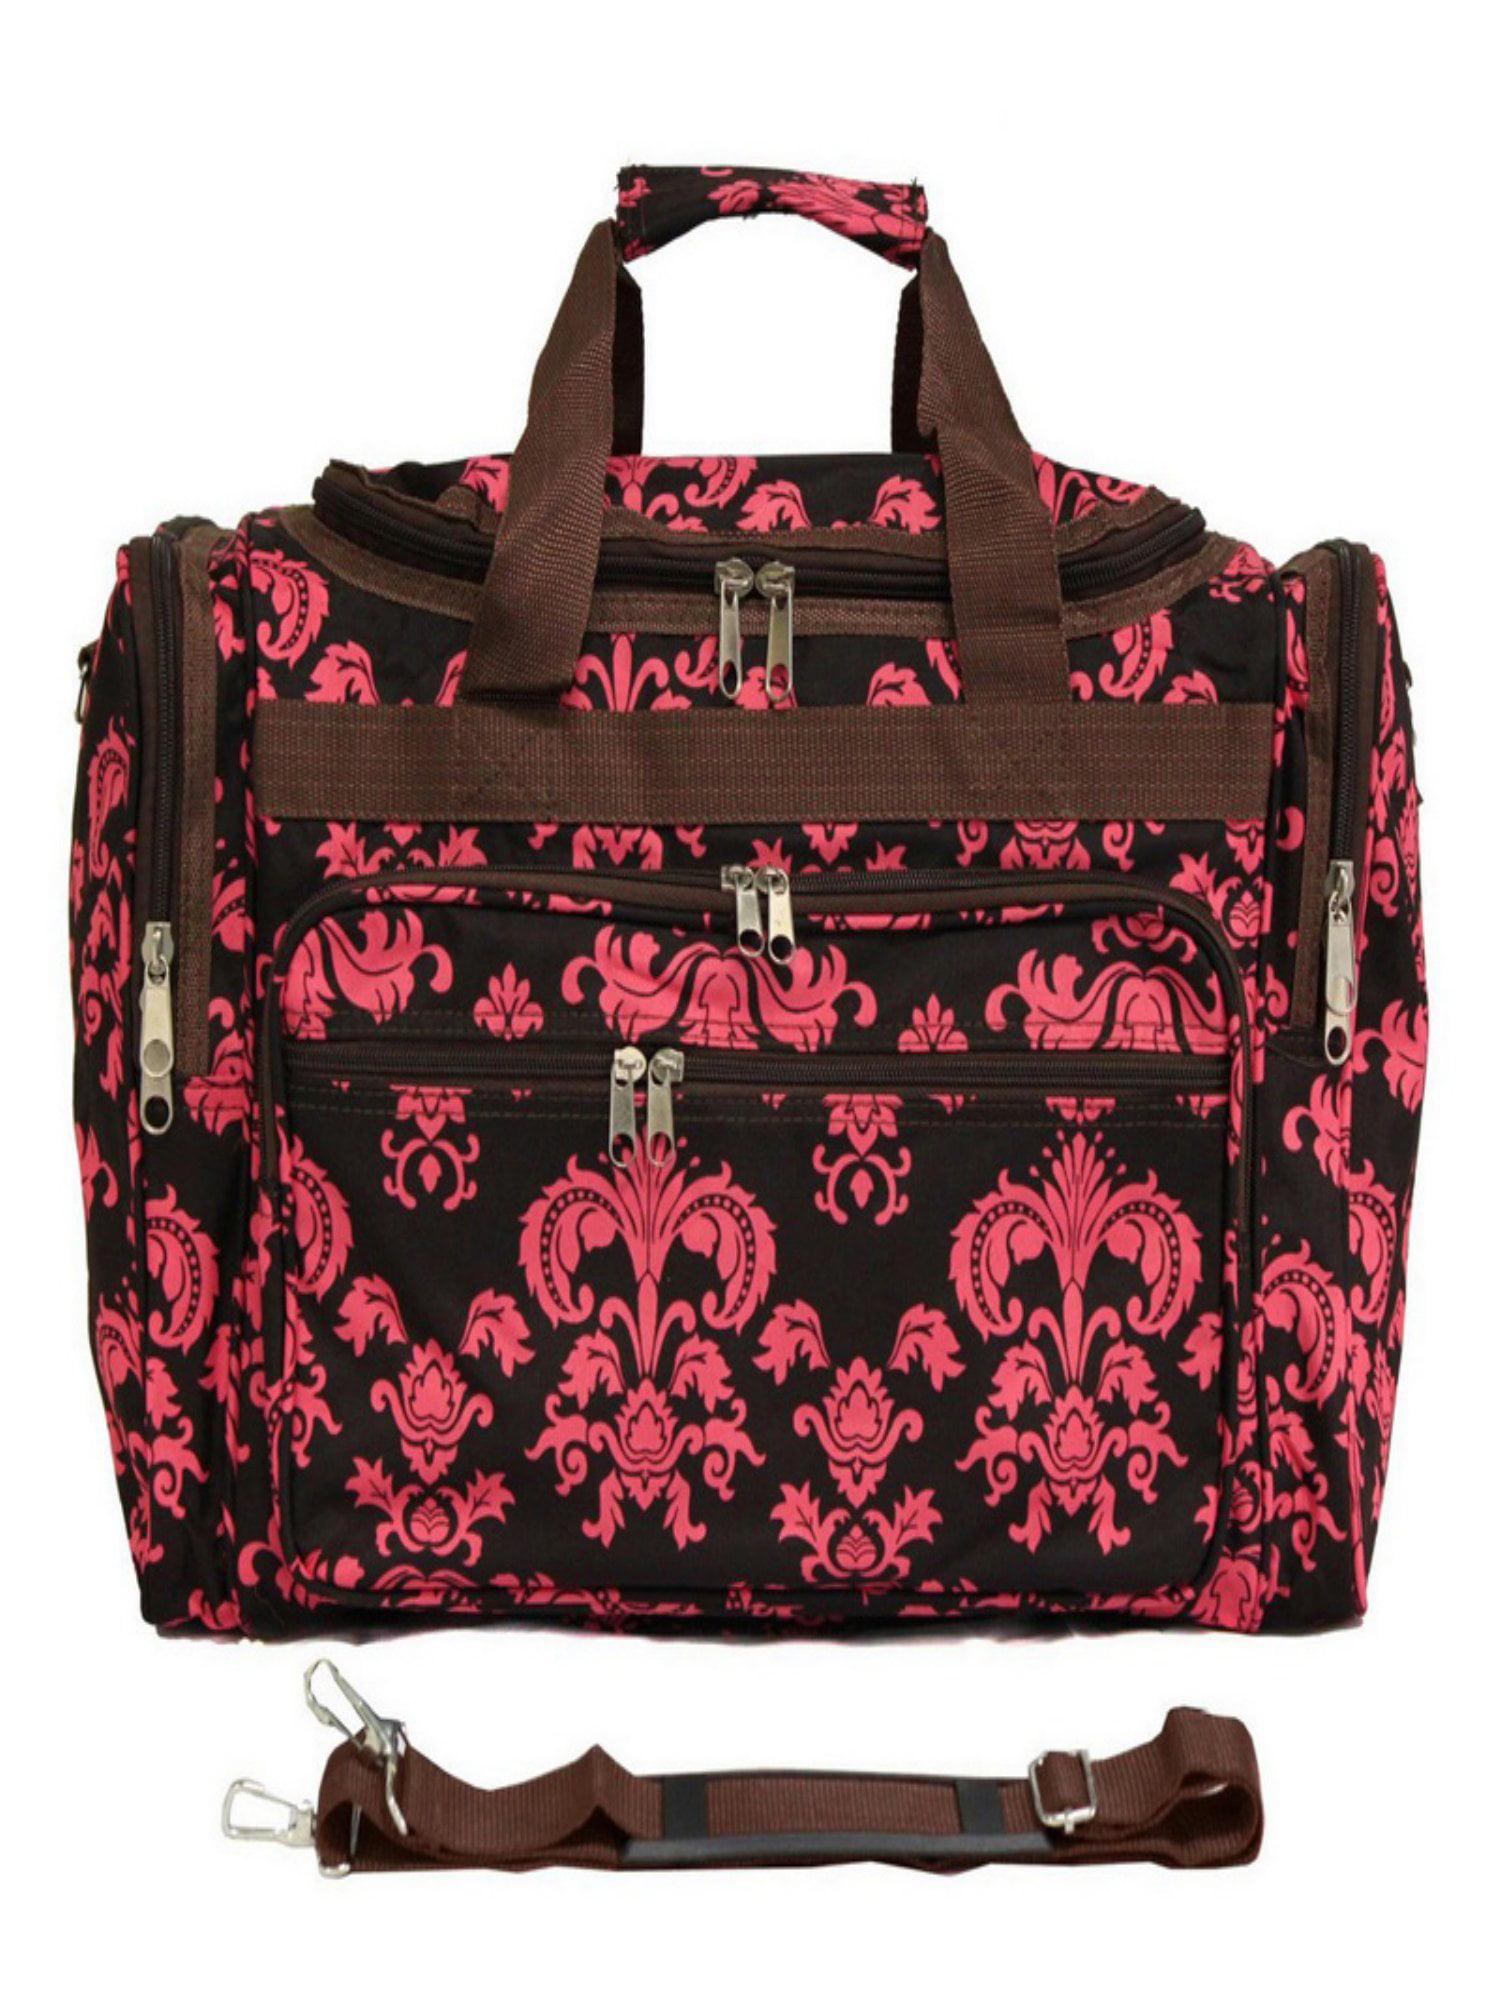 World Traveler Damask ll 22 in. Travel Duffel Bag by World Traveler